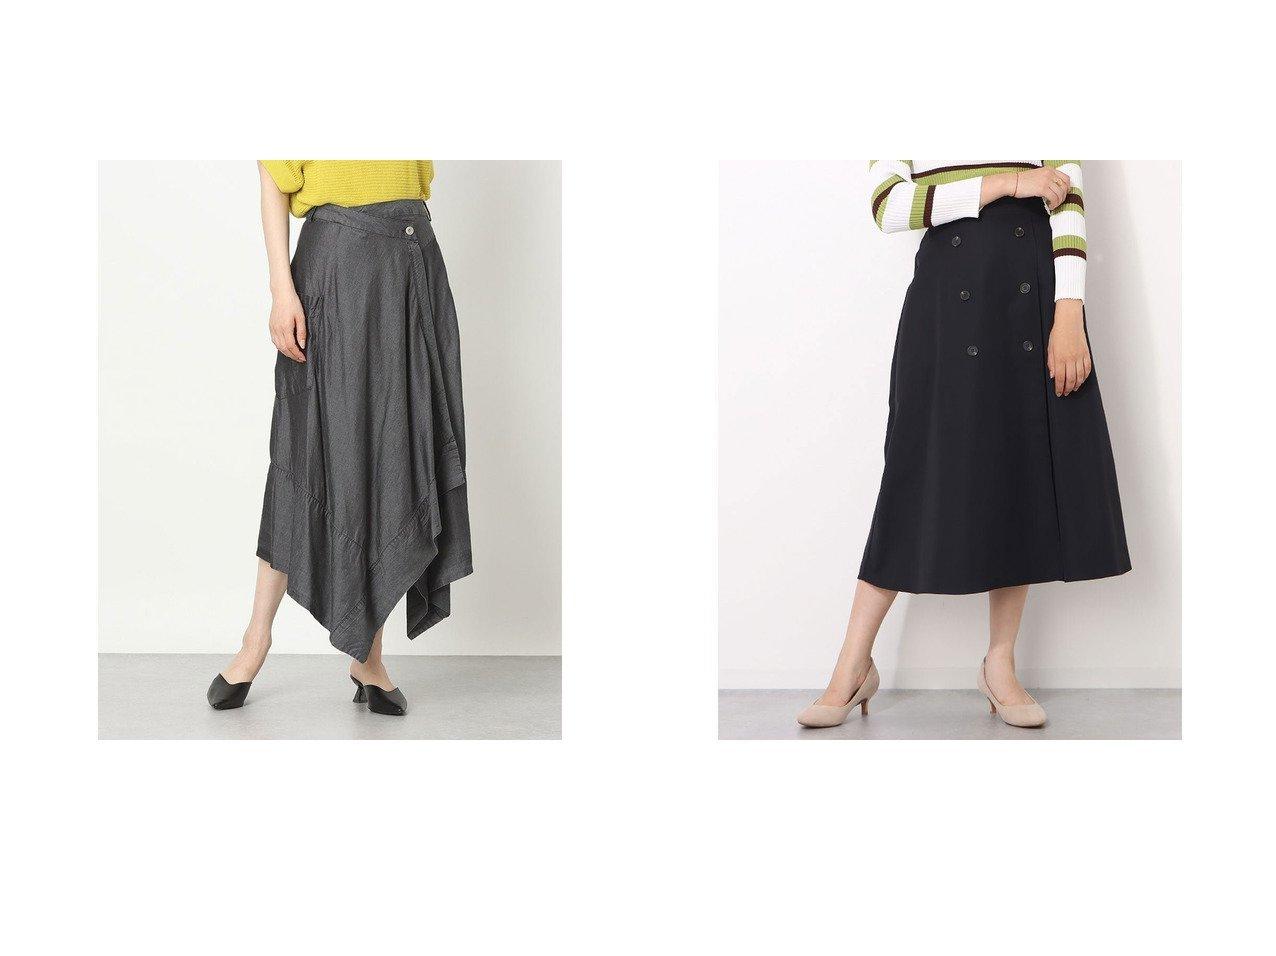 【Rename/リネーム】のラップデザイン無地フレアスカート&フロントボタン付きスカート おすすめ!人気、トレンド・レディースファッションの通販 おすすめで人気の流行・トレンド、ファッションの通販商品 インテリア・家具・メンズファッション・キッズファッション・レディースファッション・服の通販 founy(ファニー) https://founy.com/ ファッション Fashion レディースファッション WOMEN スカート Skirt Aライン/フレアスカート Flared A-Line Skirts 2021年 2021 2021春夏・S/S SS/Spring/Summer/2021 S/S・春夏 SS・Spring/Summer アシンメトリー シンプル スタイリッシュ フレア ラップ 夏 Summer 春 Spring 無地 ダブル フロント  ID:crp329100000061062